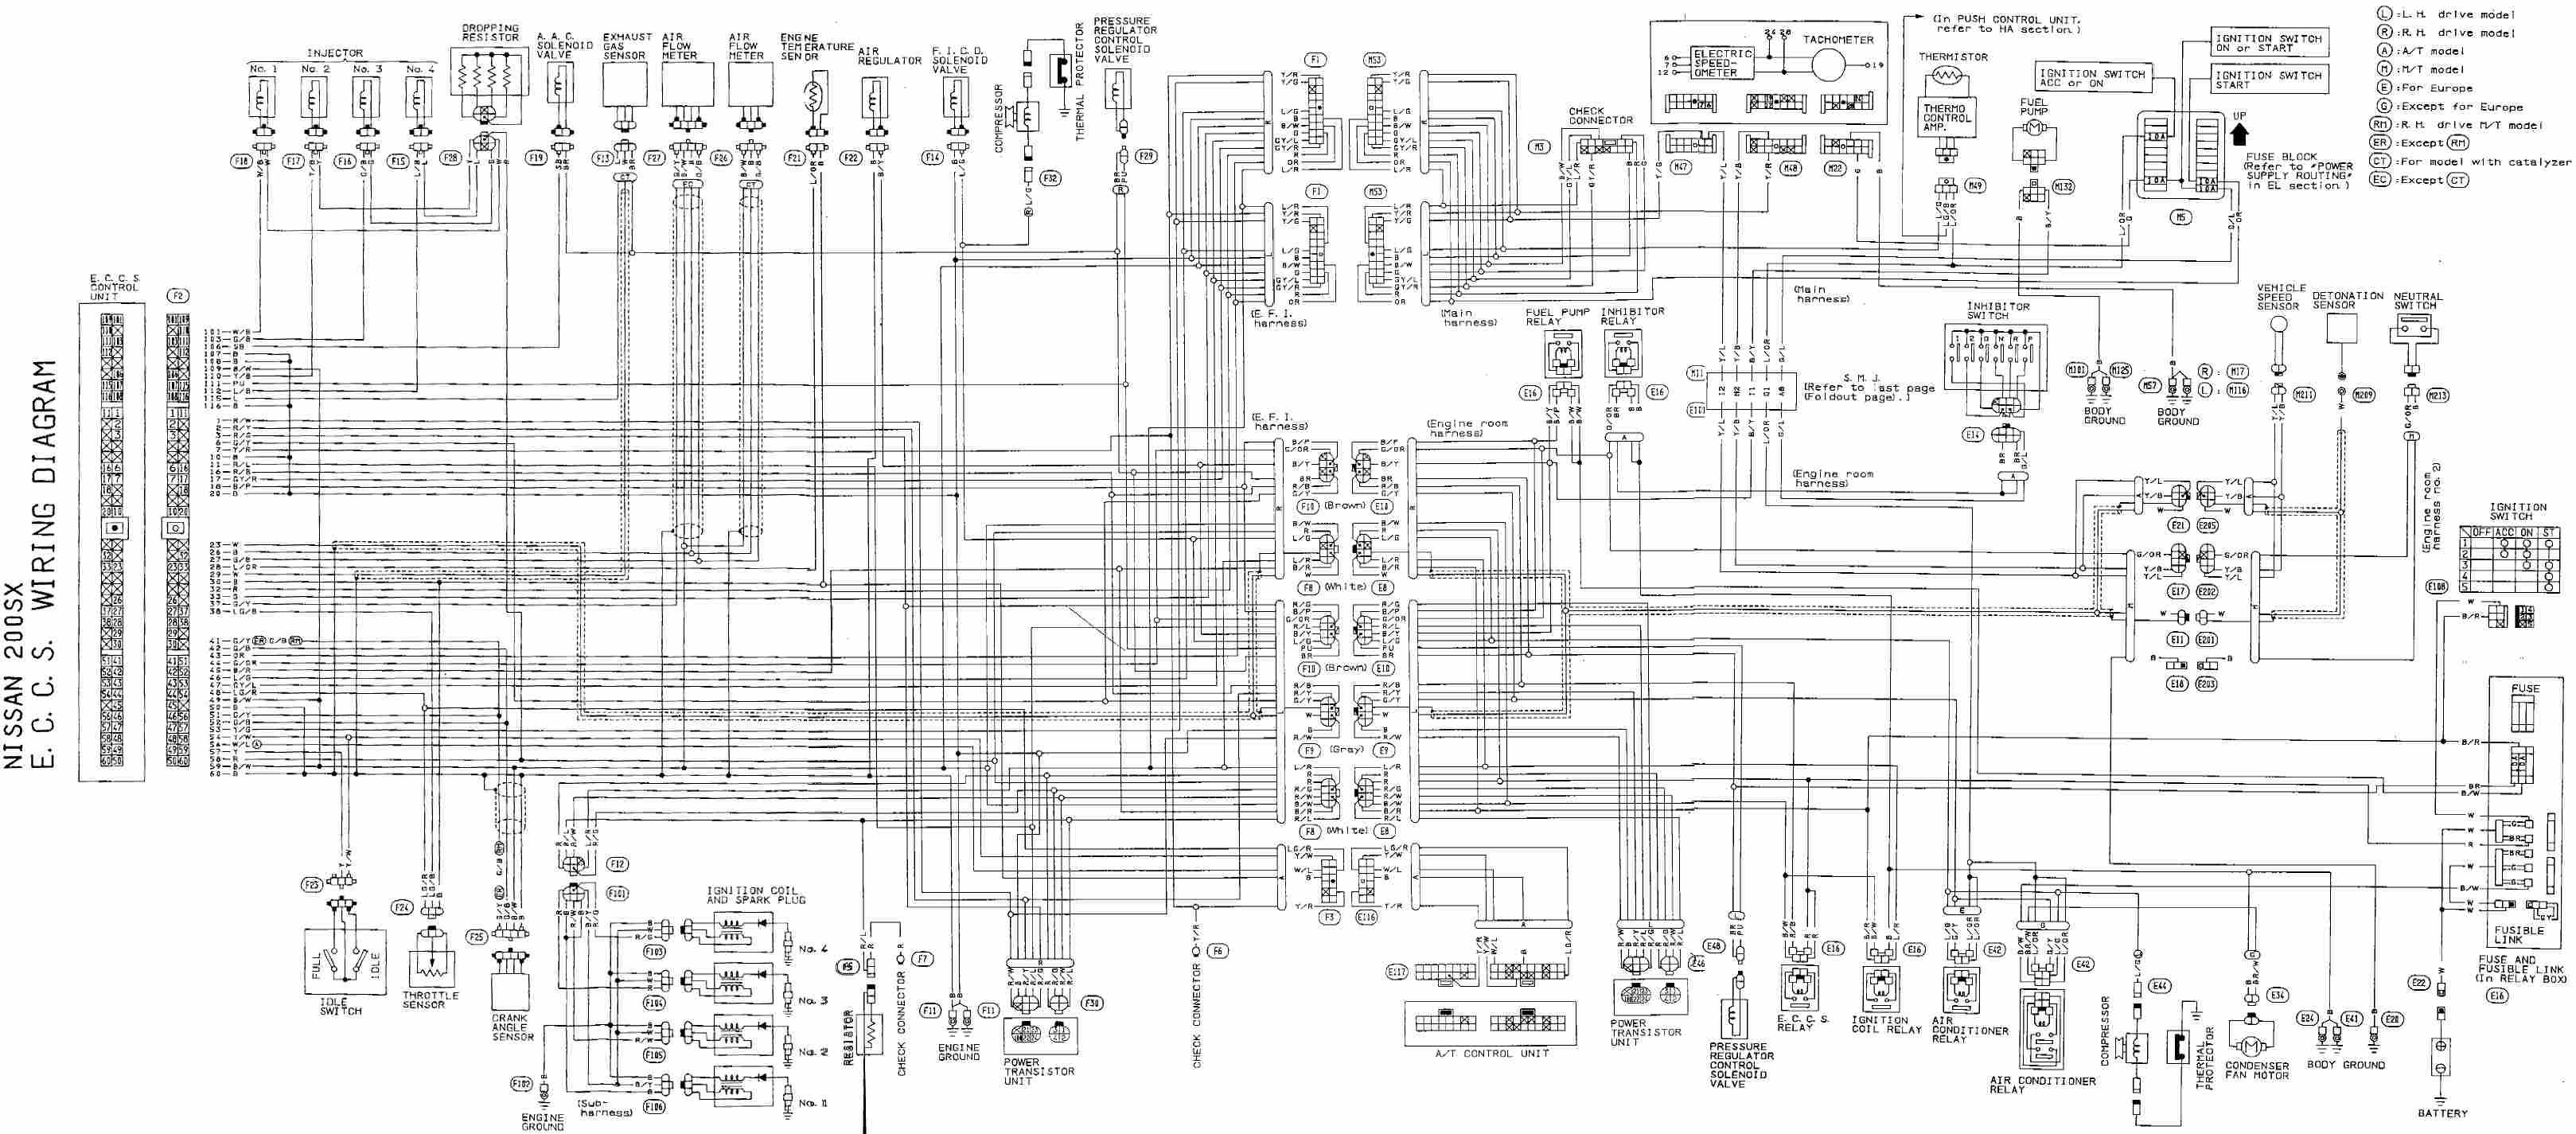 medium resolution of nissan atlas wiring diagram wiring library 1987 nissan wiring schematics nissan wiring schematics